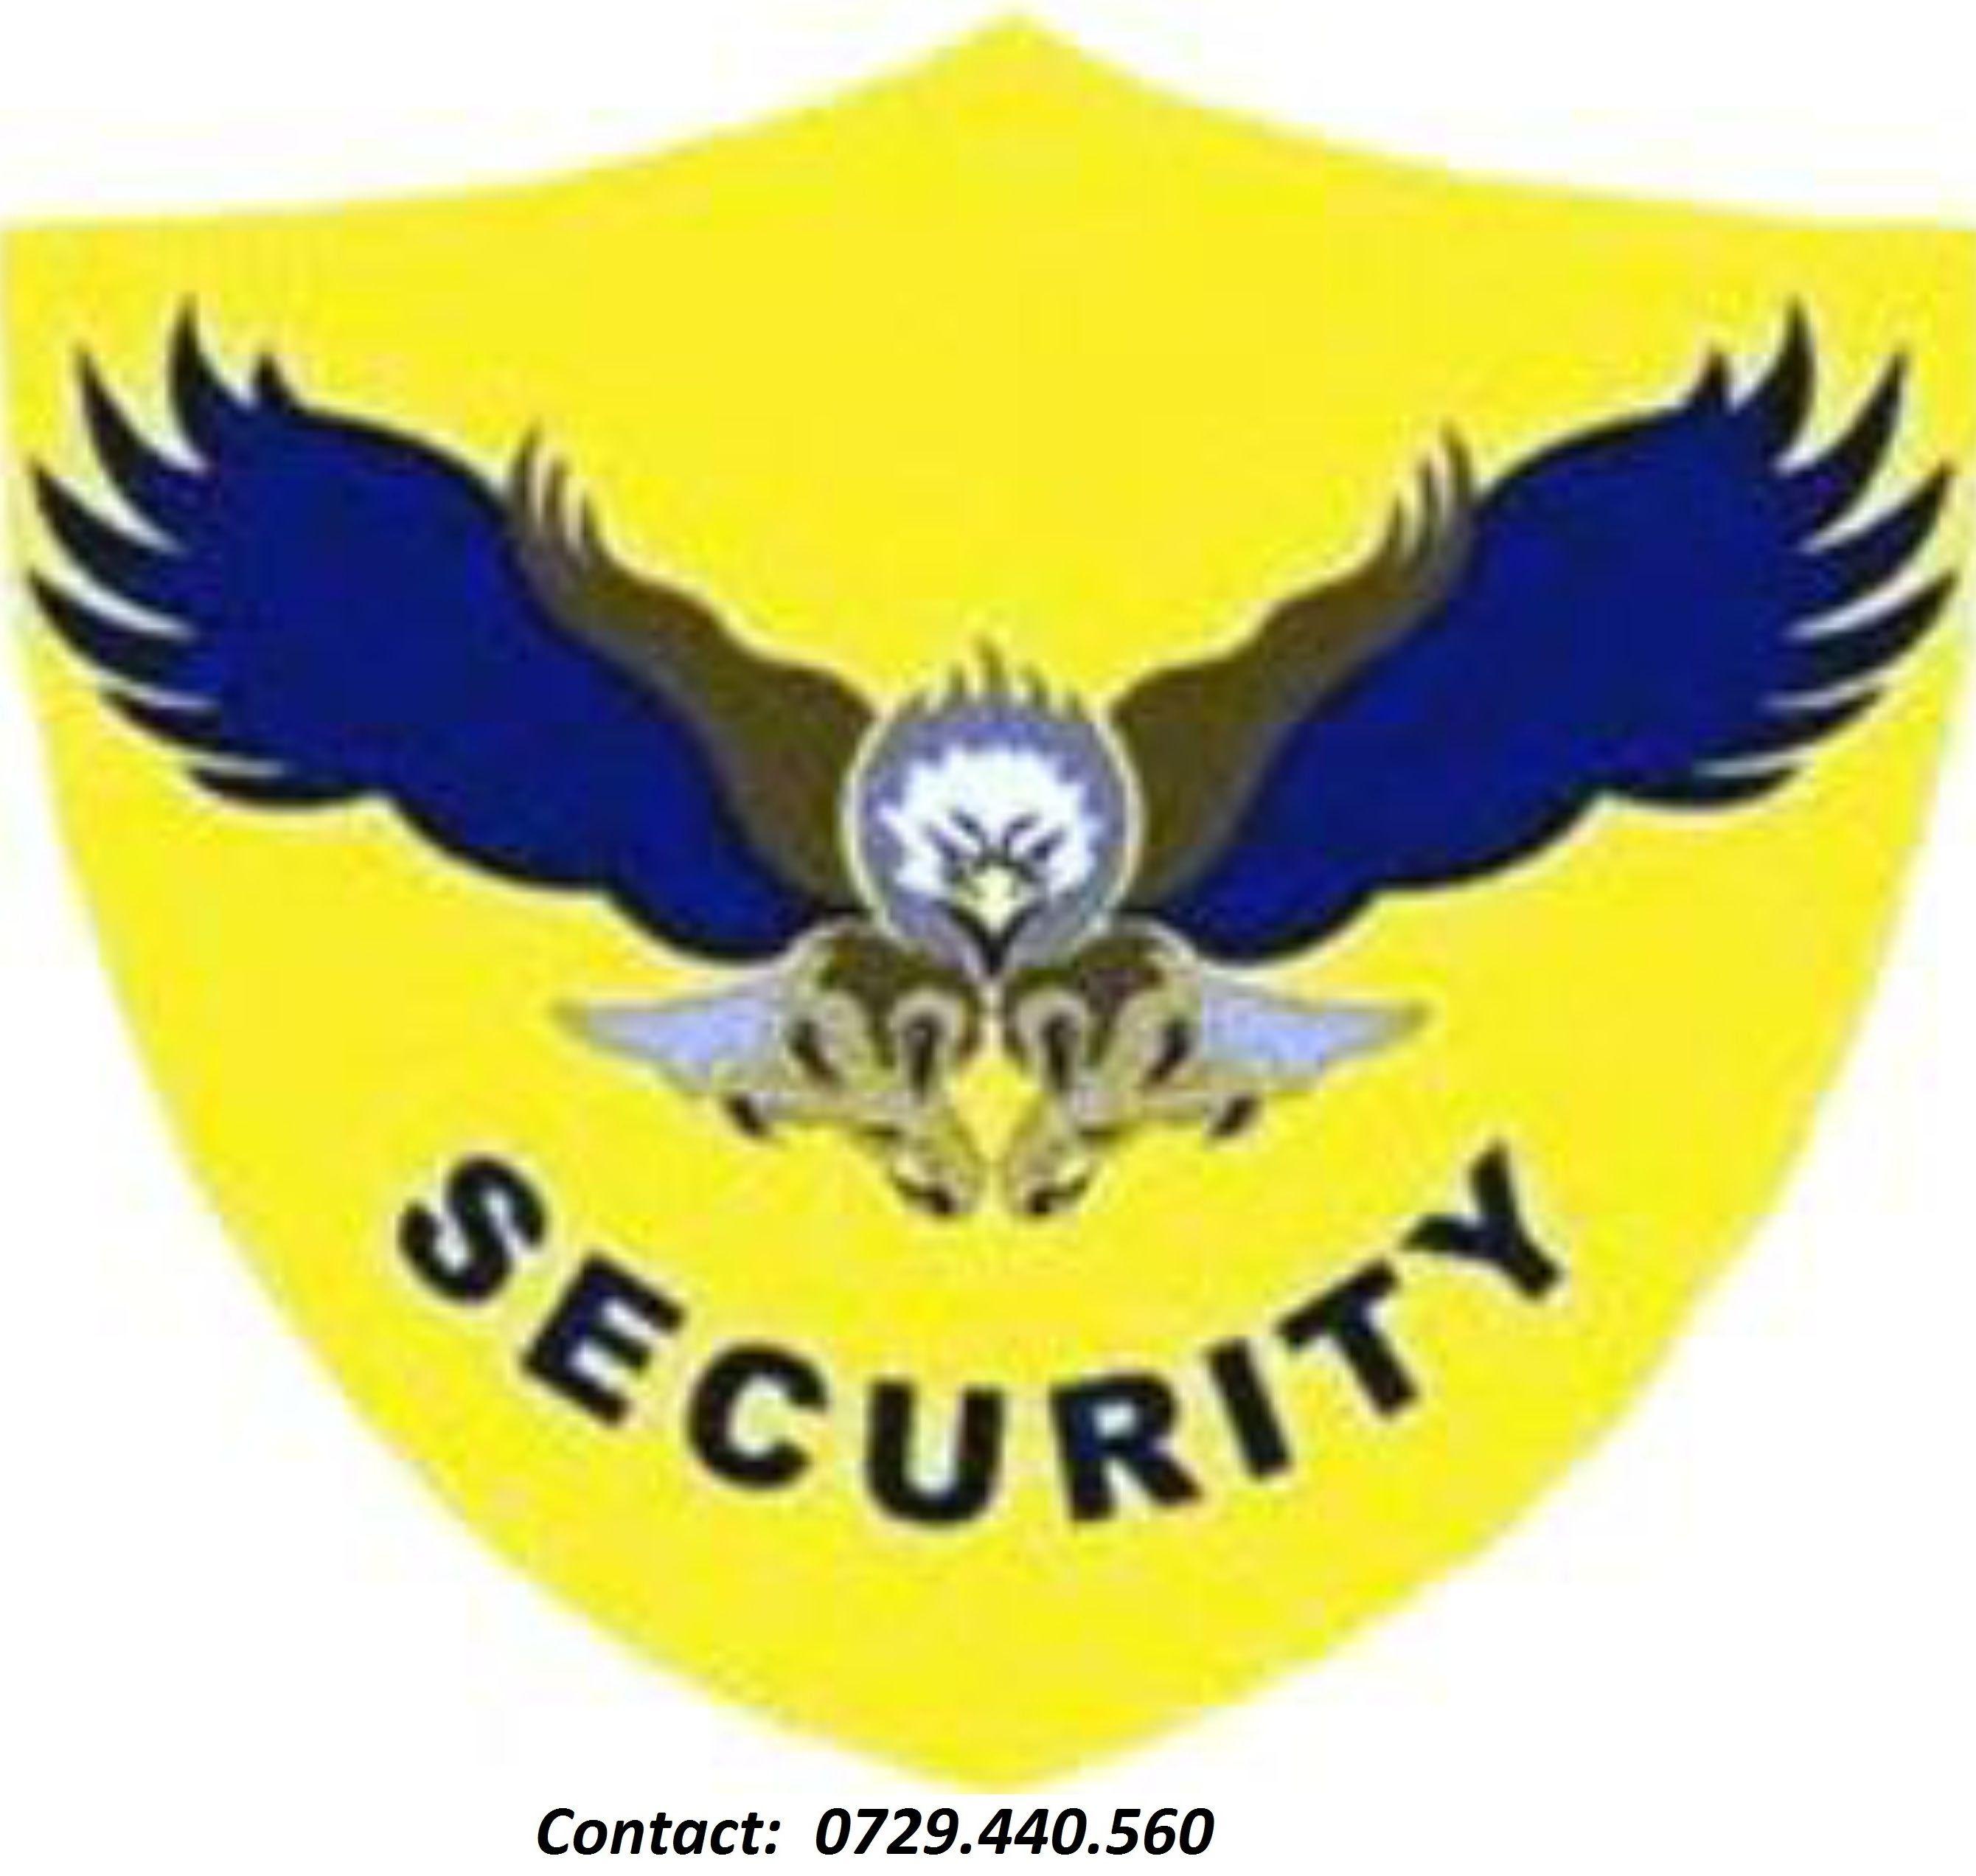 Pază și protecție Constanța Transguard Security   Anunturi Muntenia